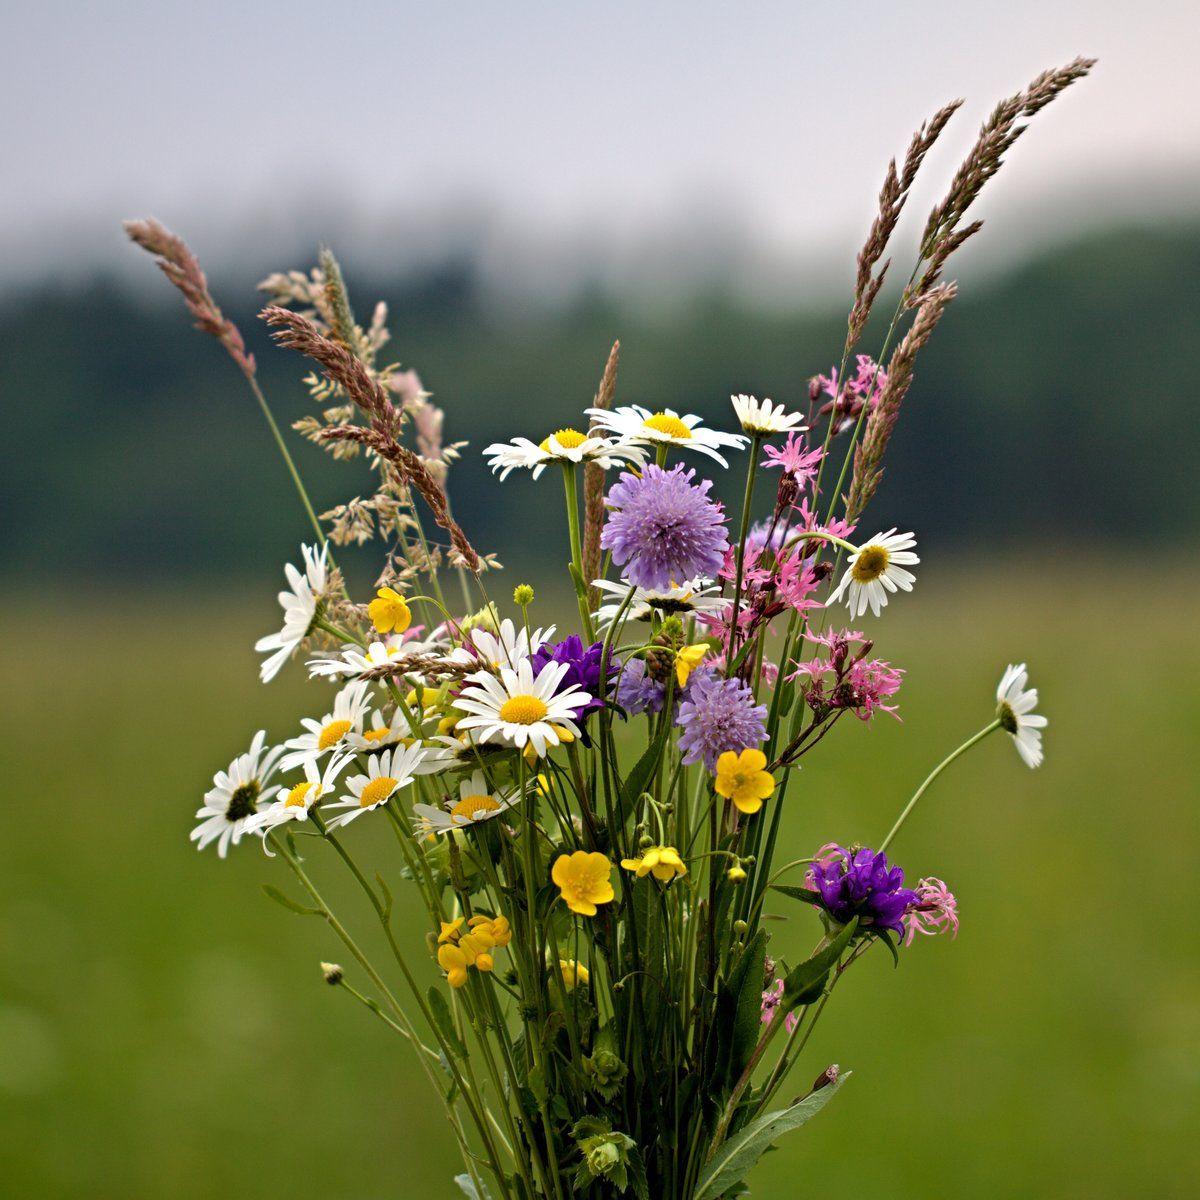 командир фото полевых цветов в хорошем качестве объектива пришлось